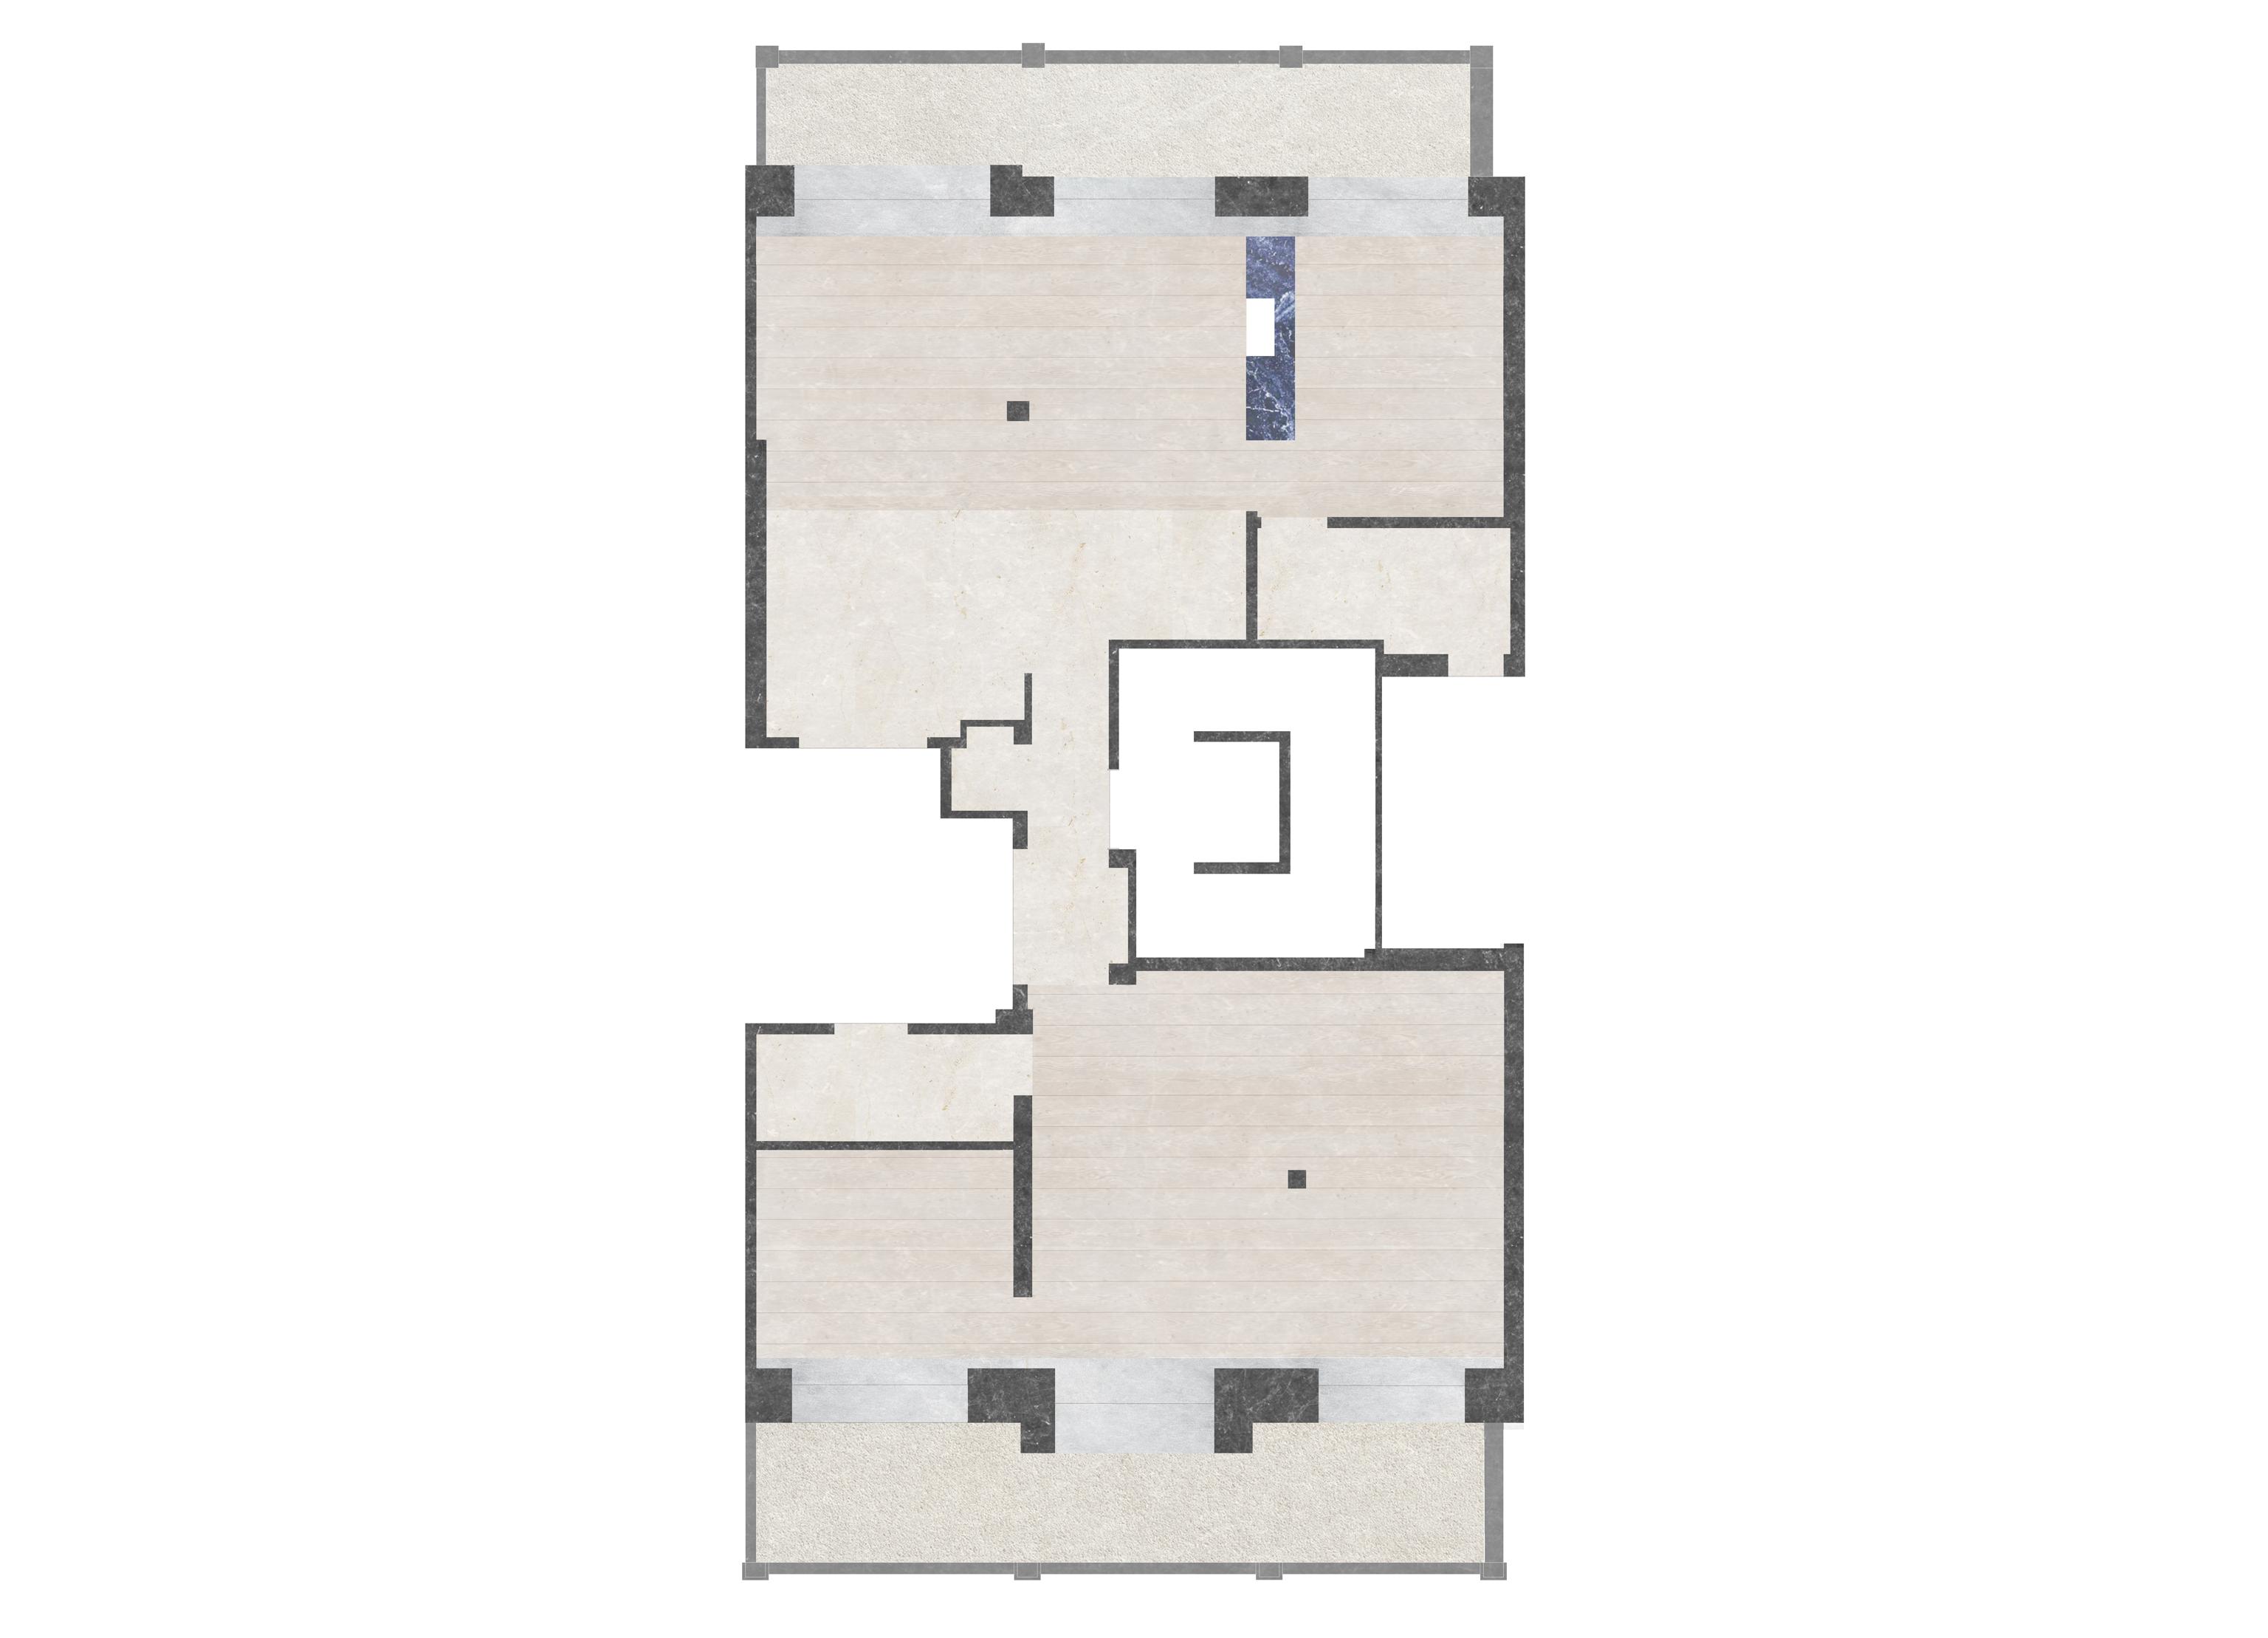 zU-studio architecture Floor Plan ZB52